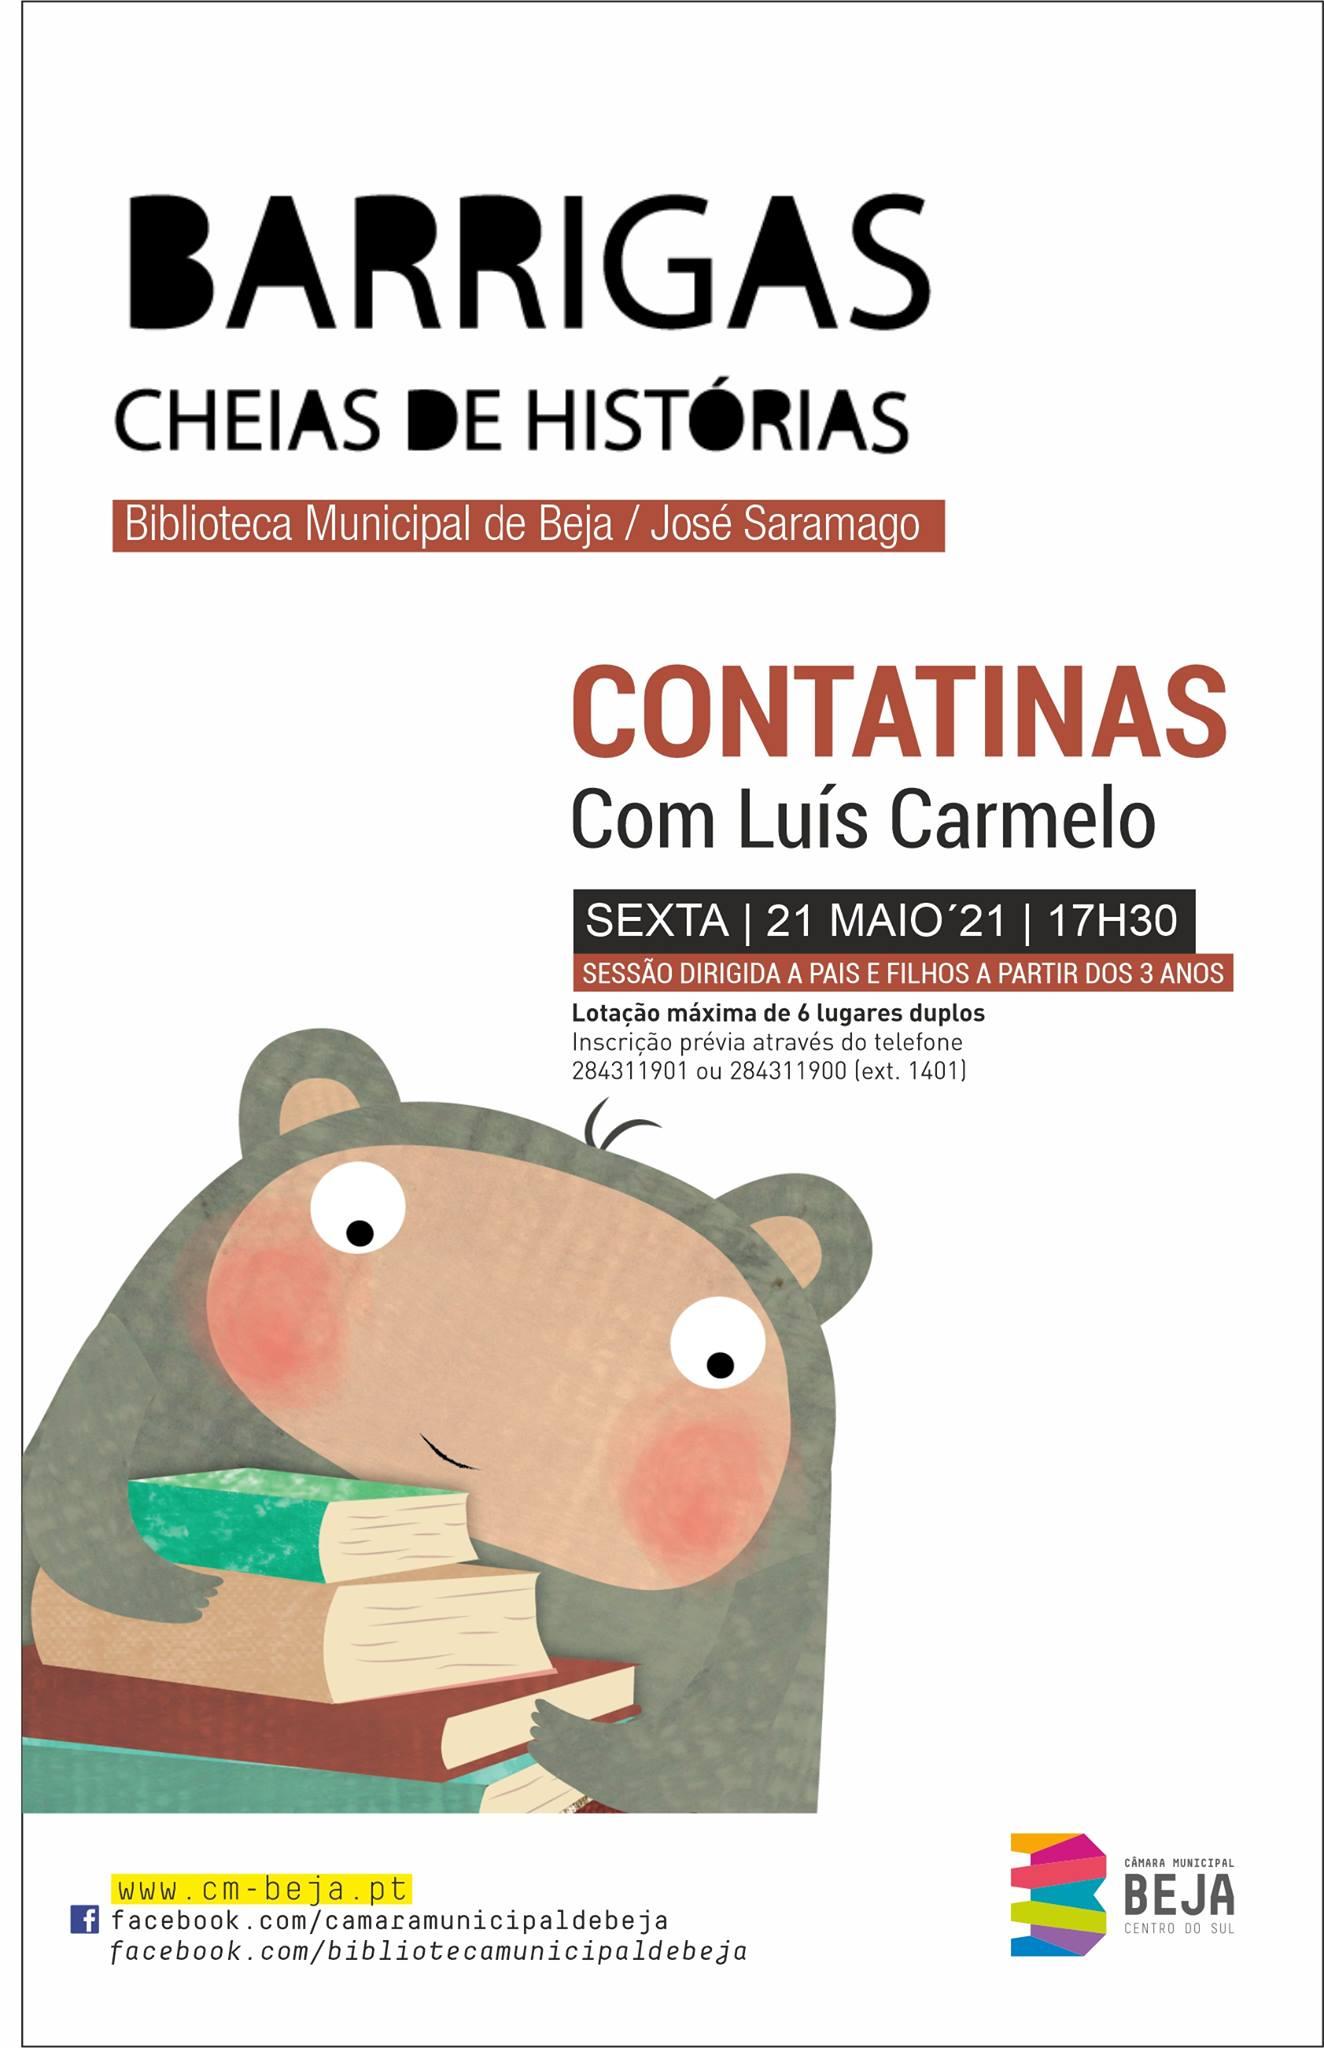 Contatinas com Luís Carmelo